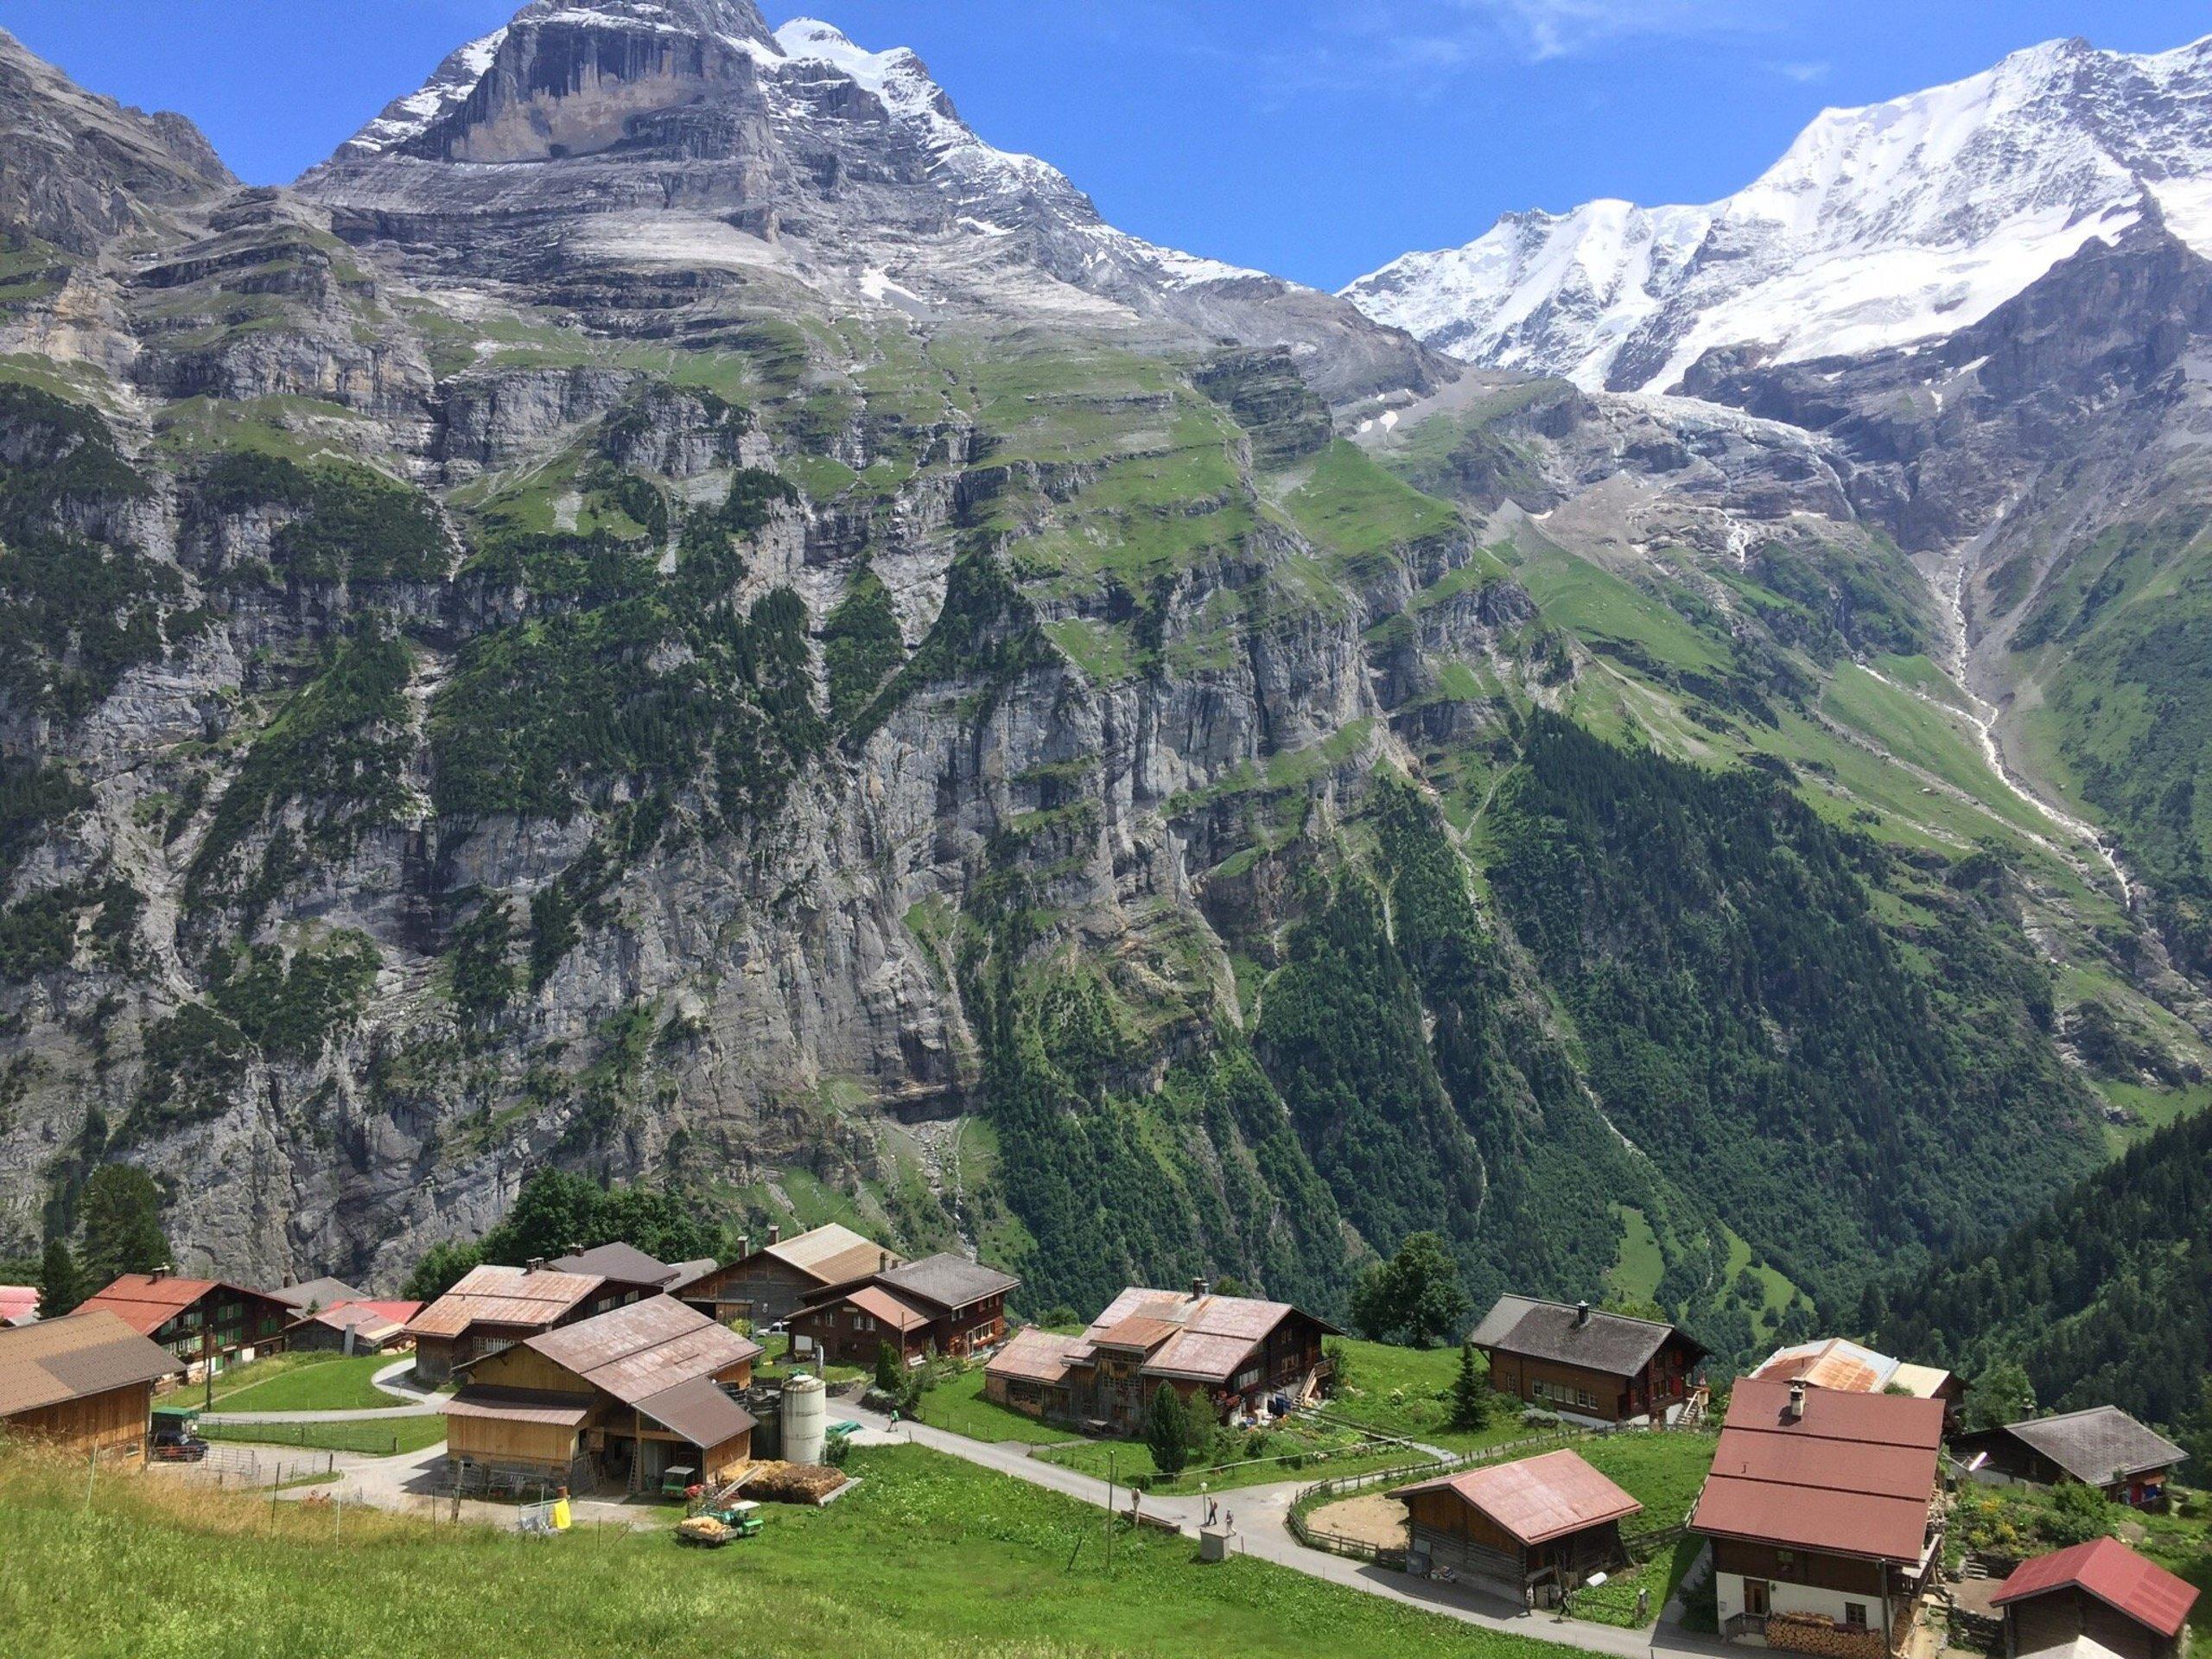 Gimmelwald 2021: Best of Gimmelwald, Switzerland Tourism - Tripadvisor